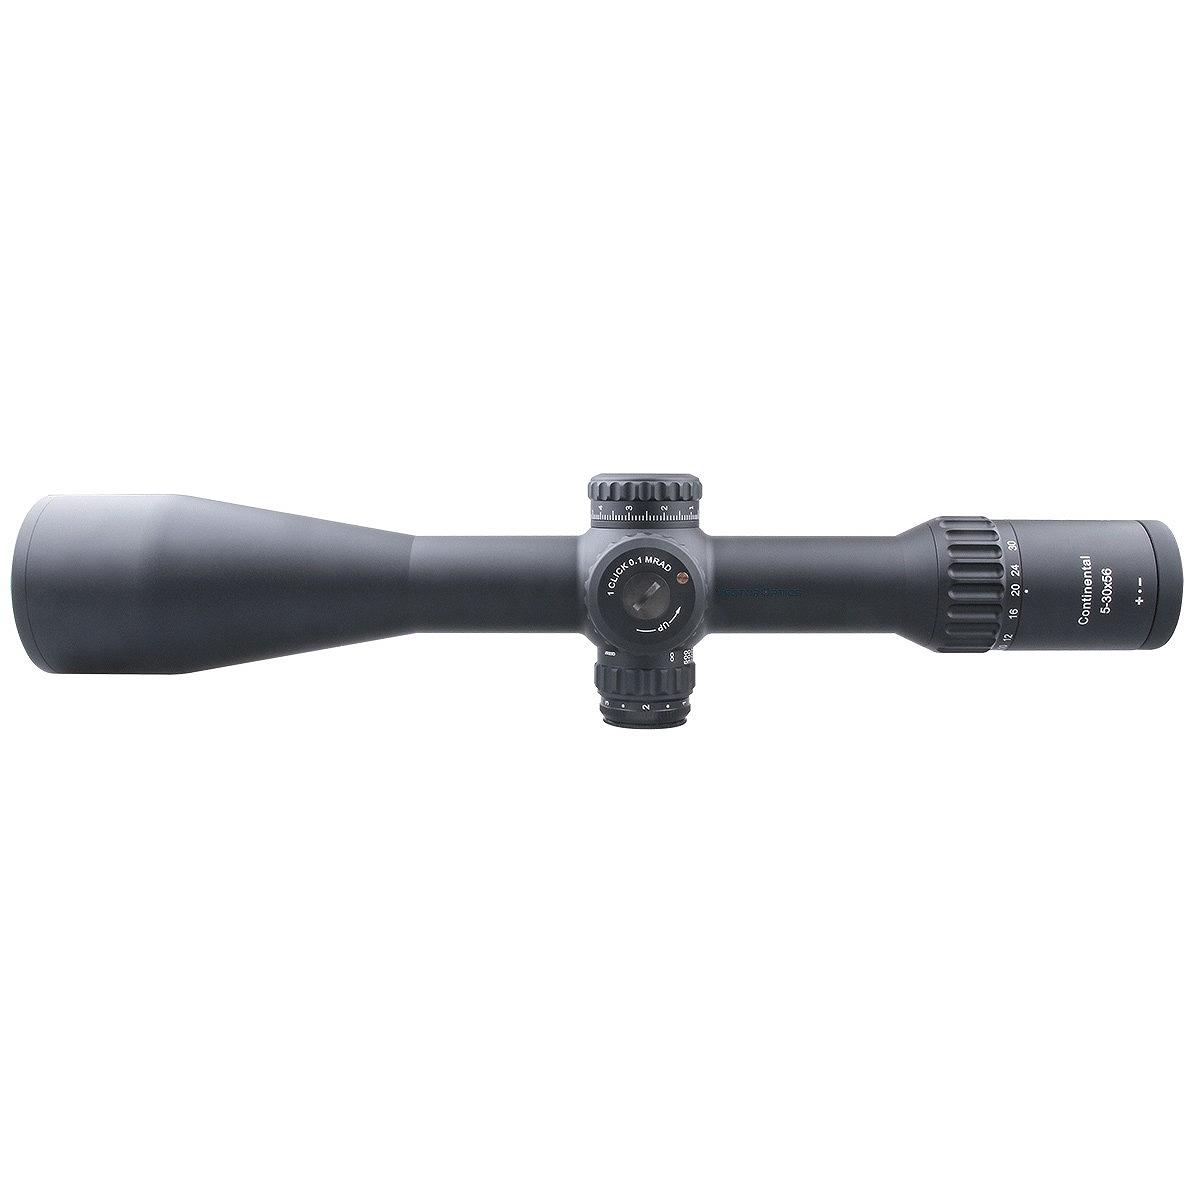 【お届け予定日: 2月28日】ベクターオプティクス ライフルスコープ コンチネンタル 5-30x56 FFP Vector Optics Continental 5-30x56 FFP